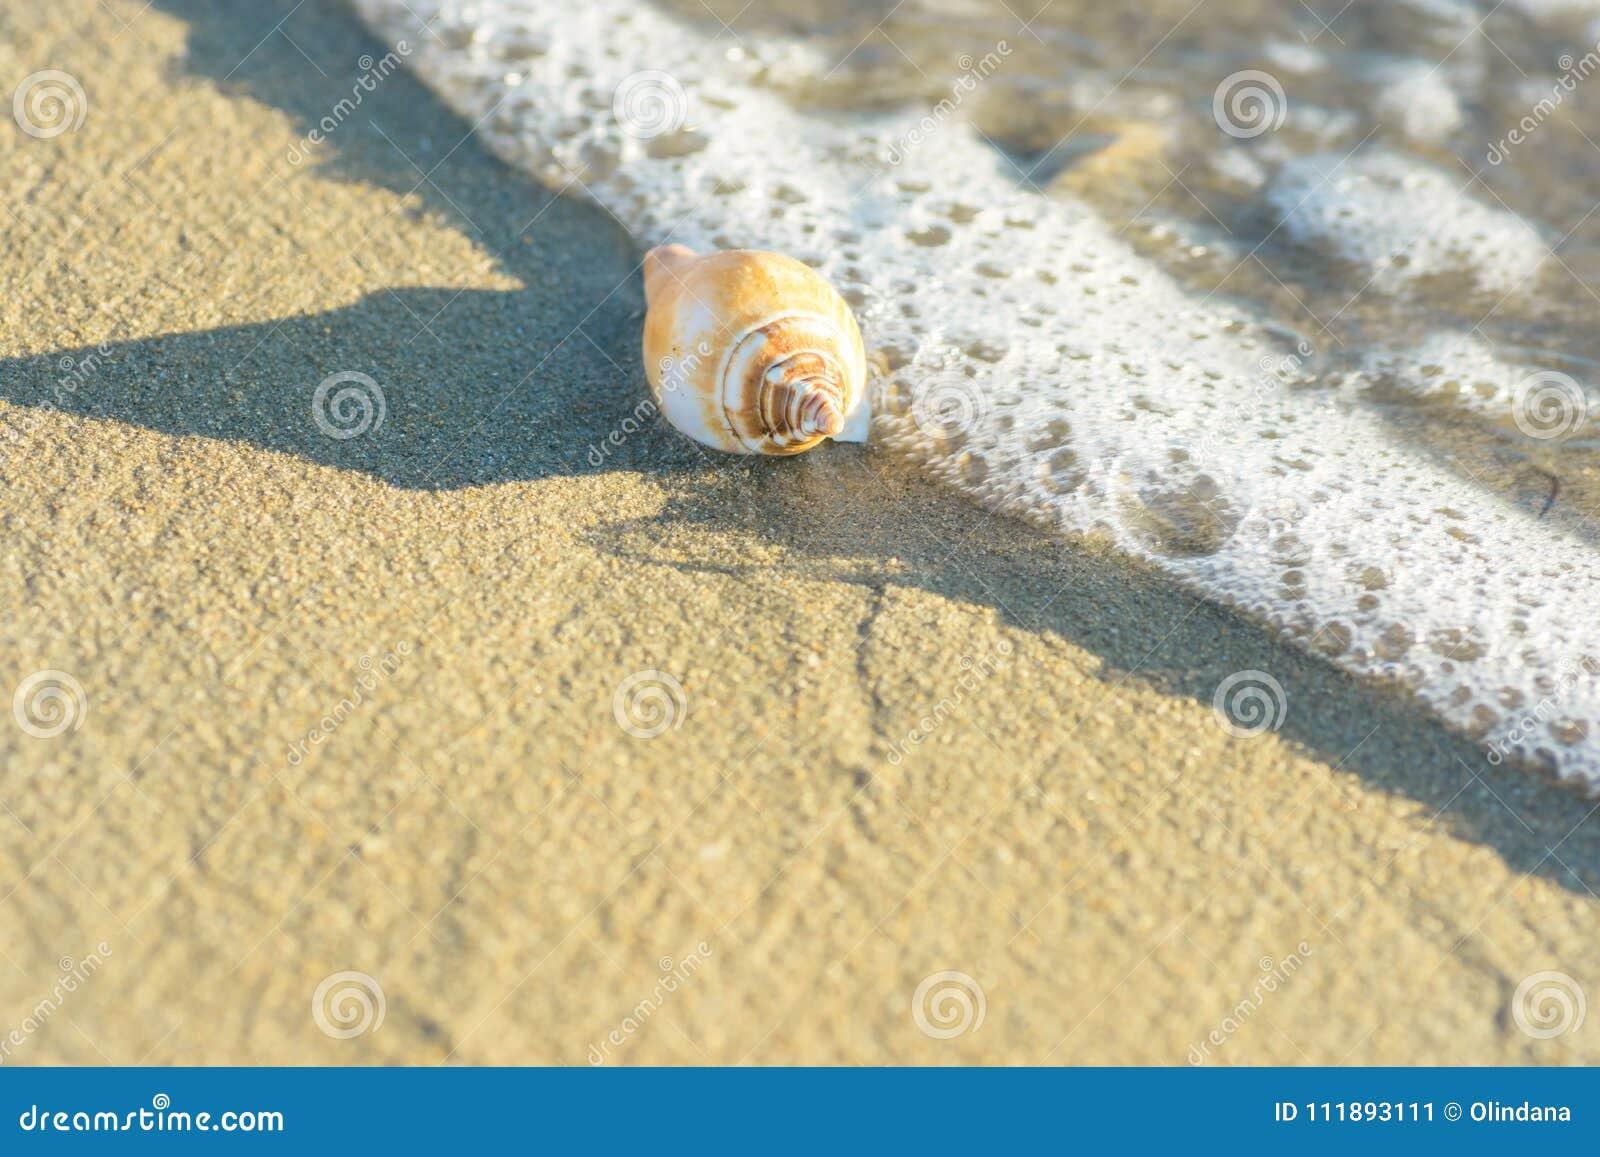 Piękna Biała beż spirala Denny Shell na Plażowym piasku Myjącym Foamy fala Przejrzysta woda Złotego światła słonecznego Miękcy Pa